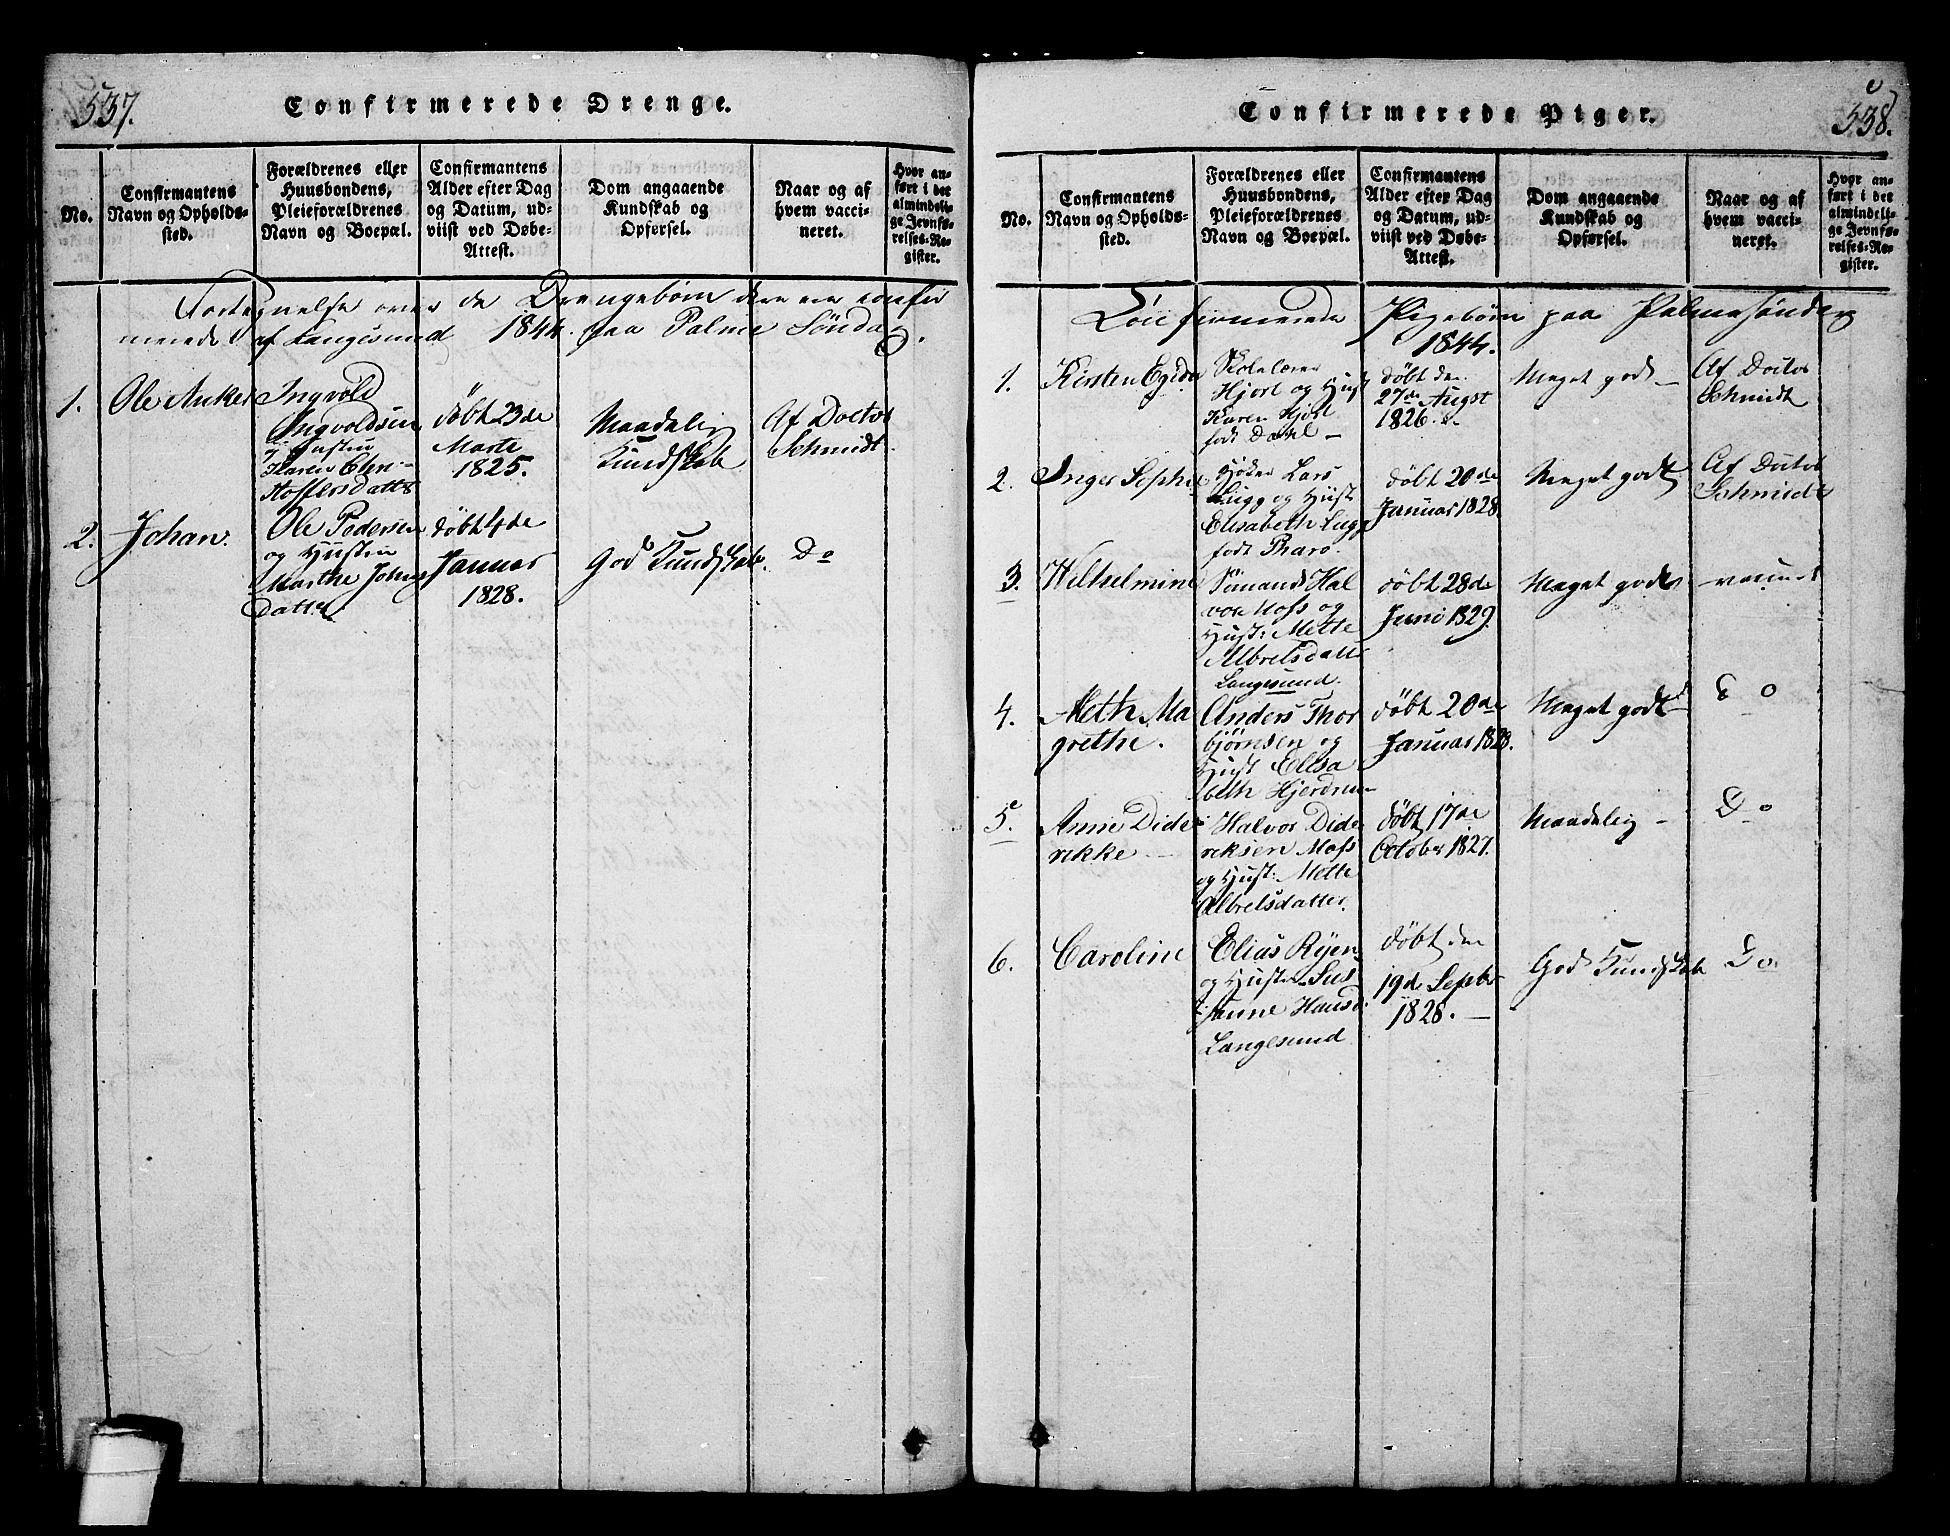 SAKO, Langesund kirkebøker, G/Ga/L0003: Klokkerbok nr. 3, 1815-1858, s. 537-538